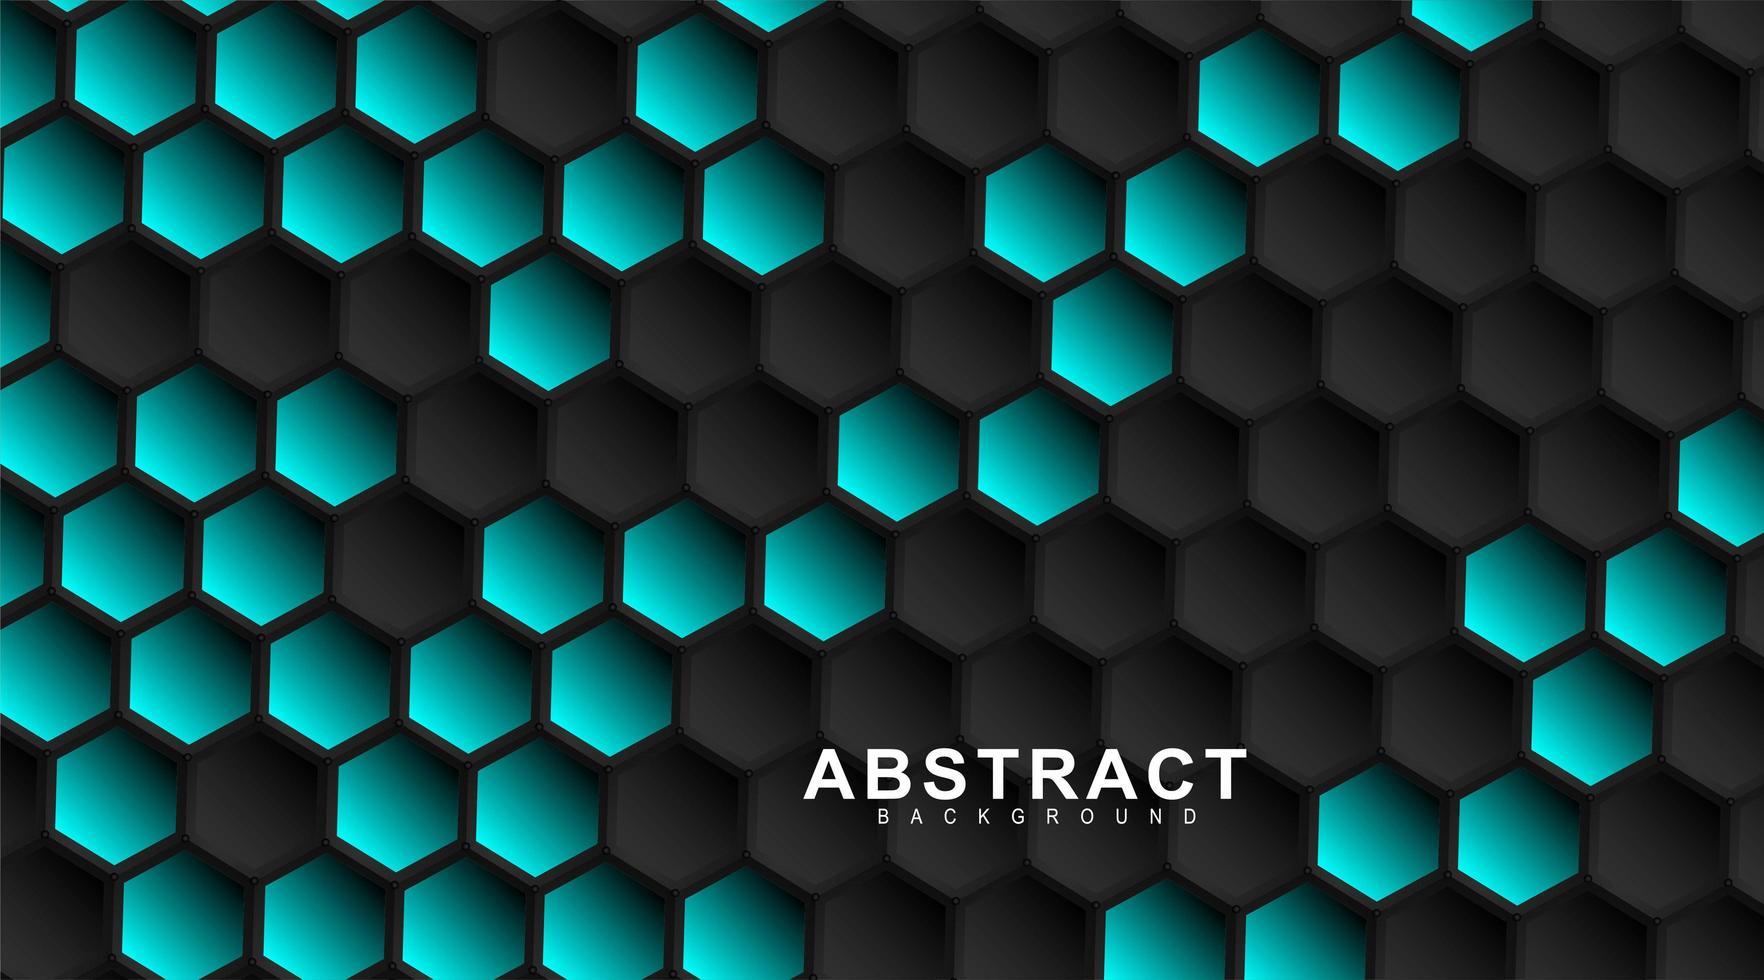 geometriska svarta hexagoner. yta polygon mönster med blå sexkant, bikaka. 3D design illustration teknik vektor